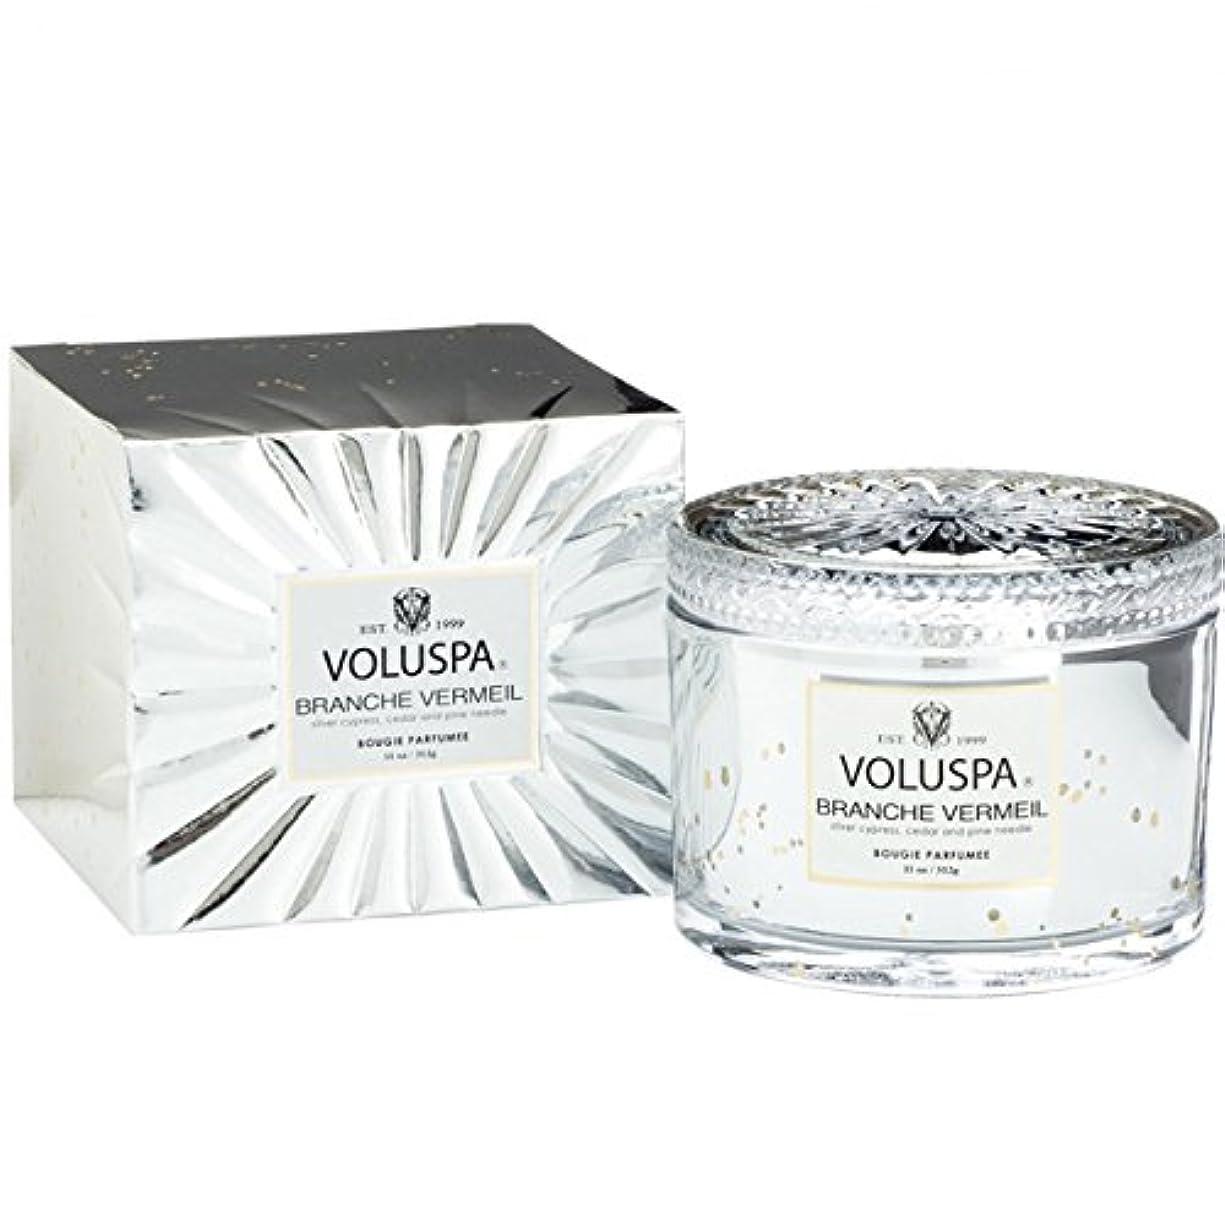 石離れた以上Voluspa ボルスパ ヴァーメイル ボックス入り グラスキャンドル フ?ランチヴァーメイル BRANCHE VERMEIL VERMEIL BOX Glass Candle